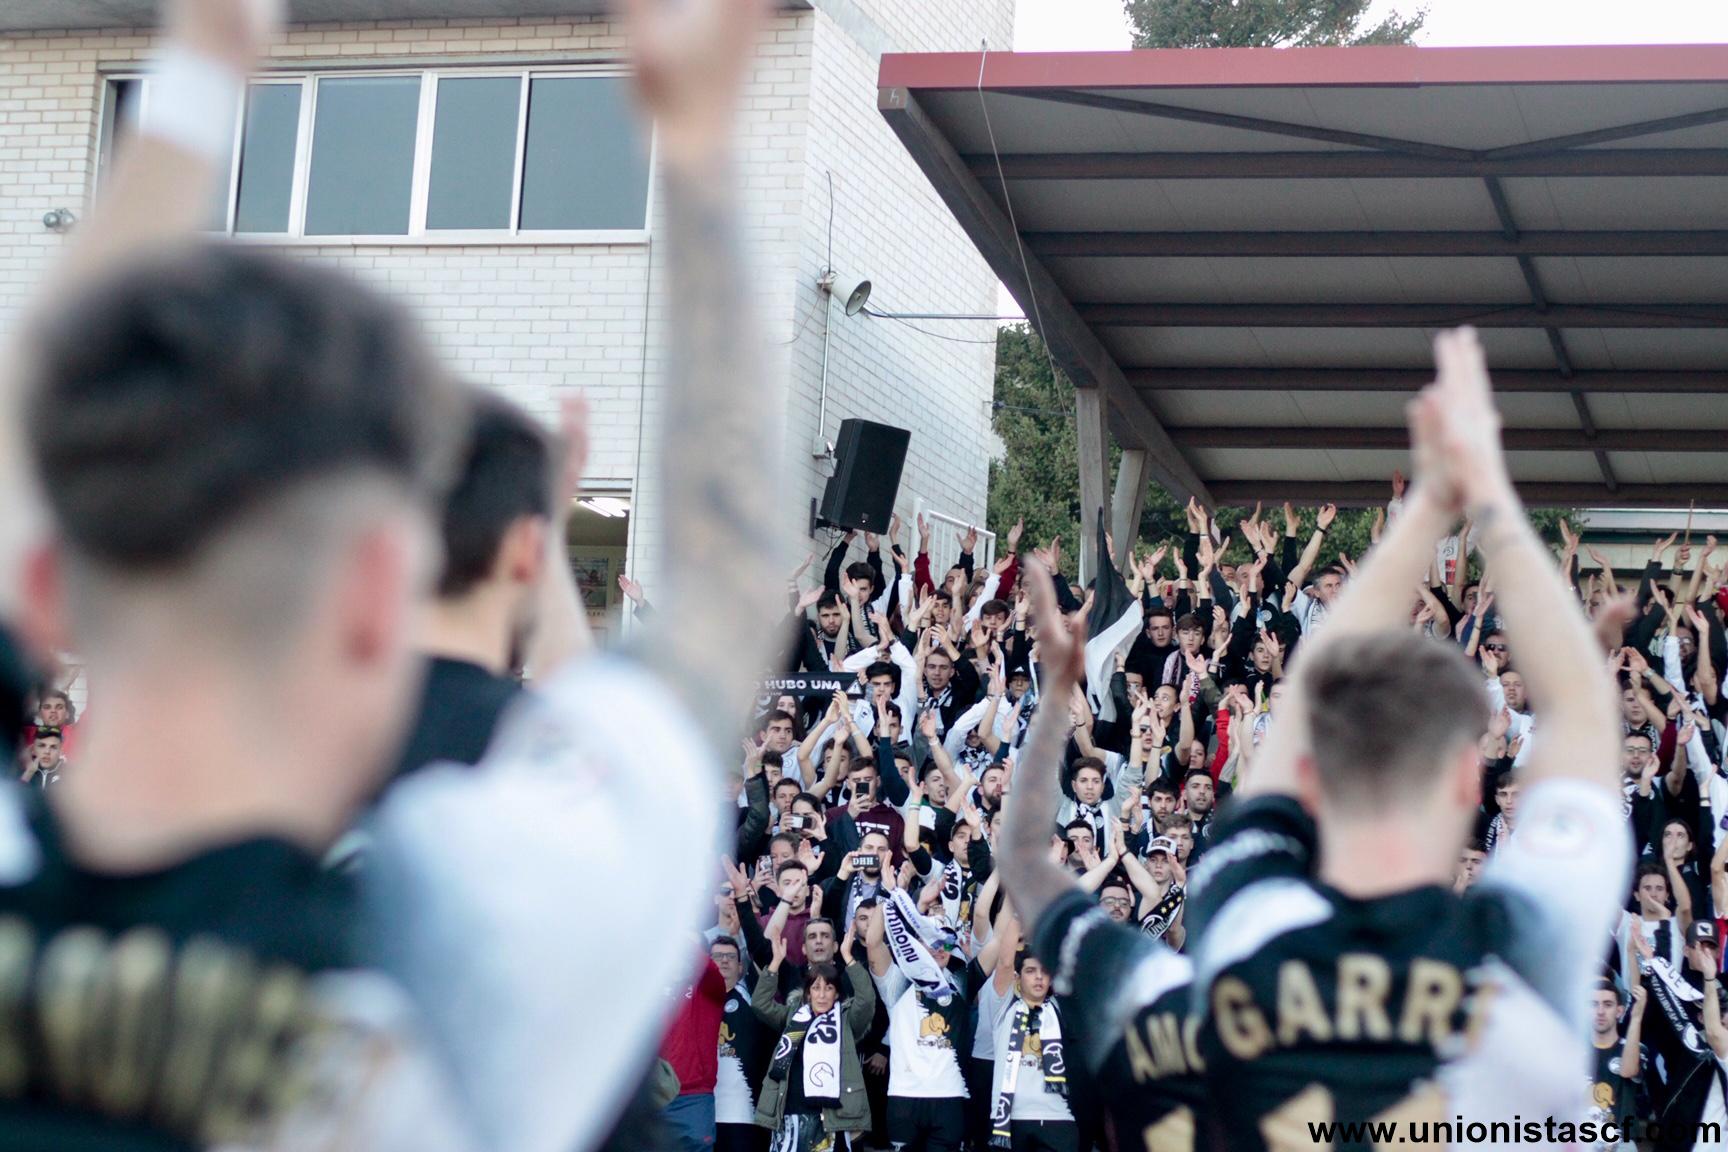 Jugadores del Unionistas aplaudiendo a su afición